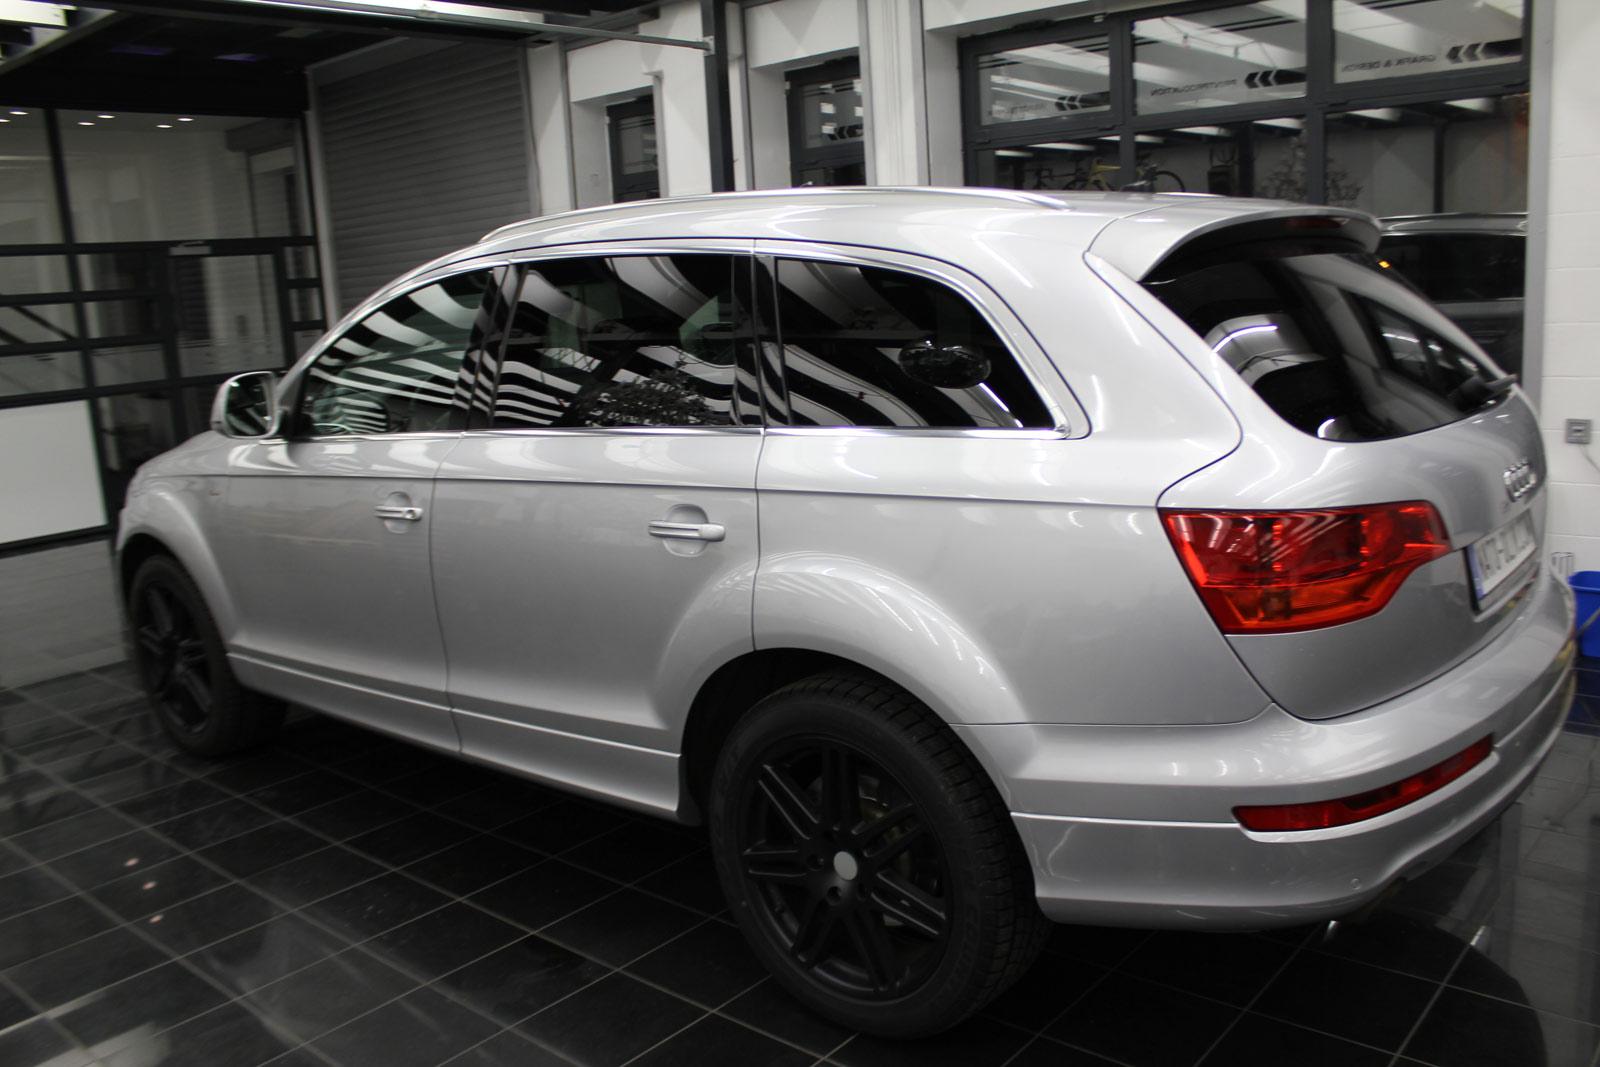 Audi_Q7_Folierung_Schwarz_Matt_12